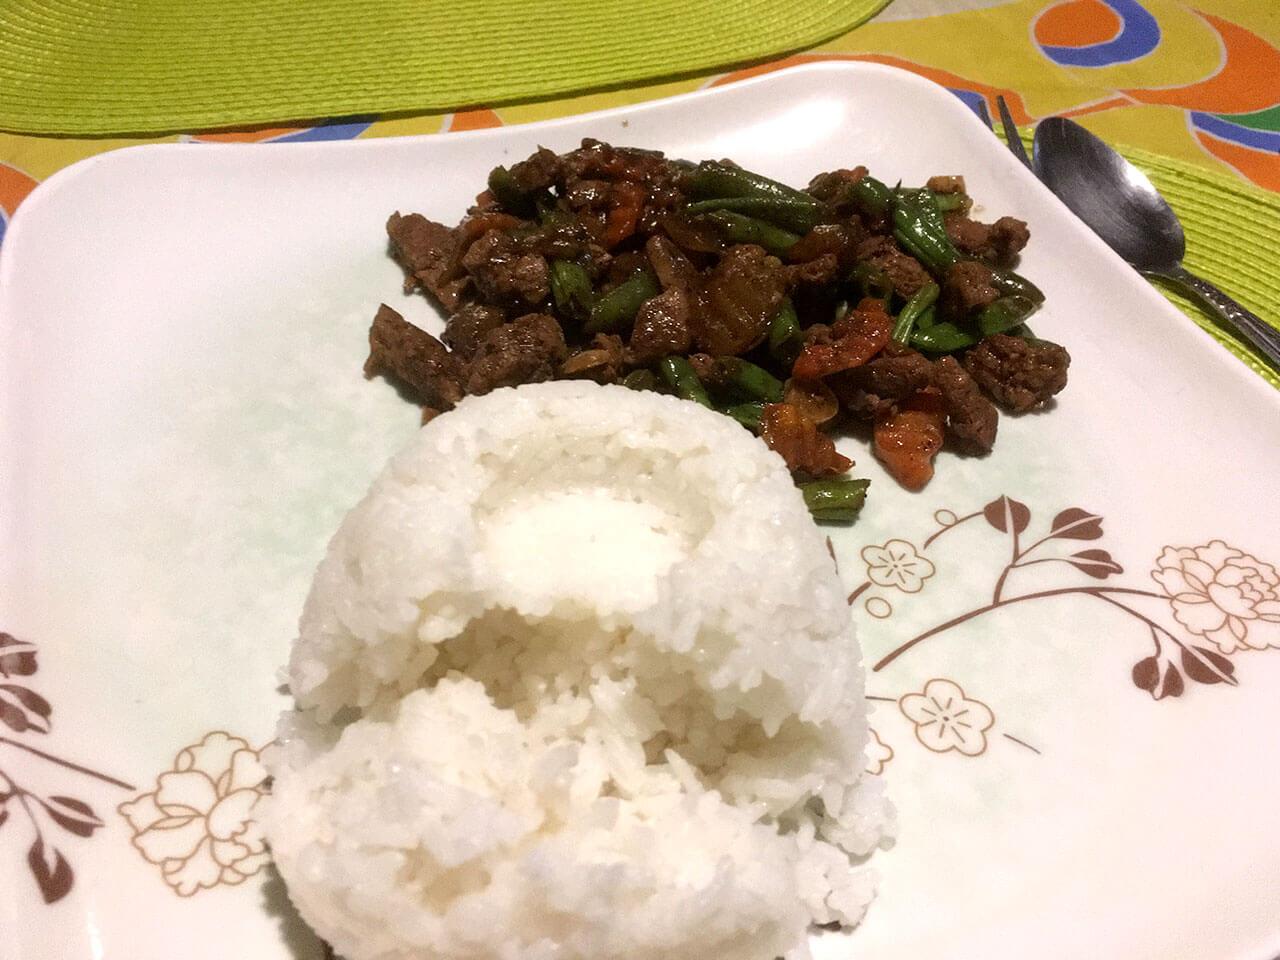 朝、夜はメニューから適当に選んで食べて良いそうなので、フィリピンの家庭料理「ガパオ」を頂く。